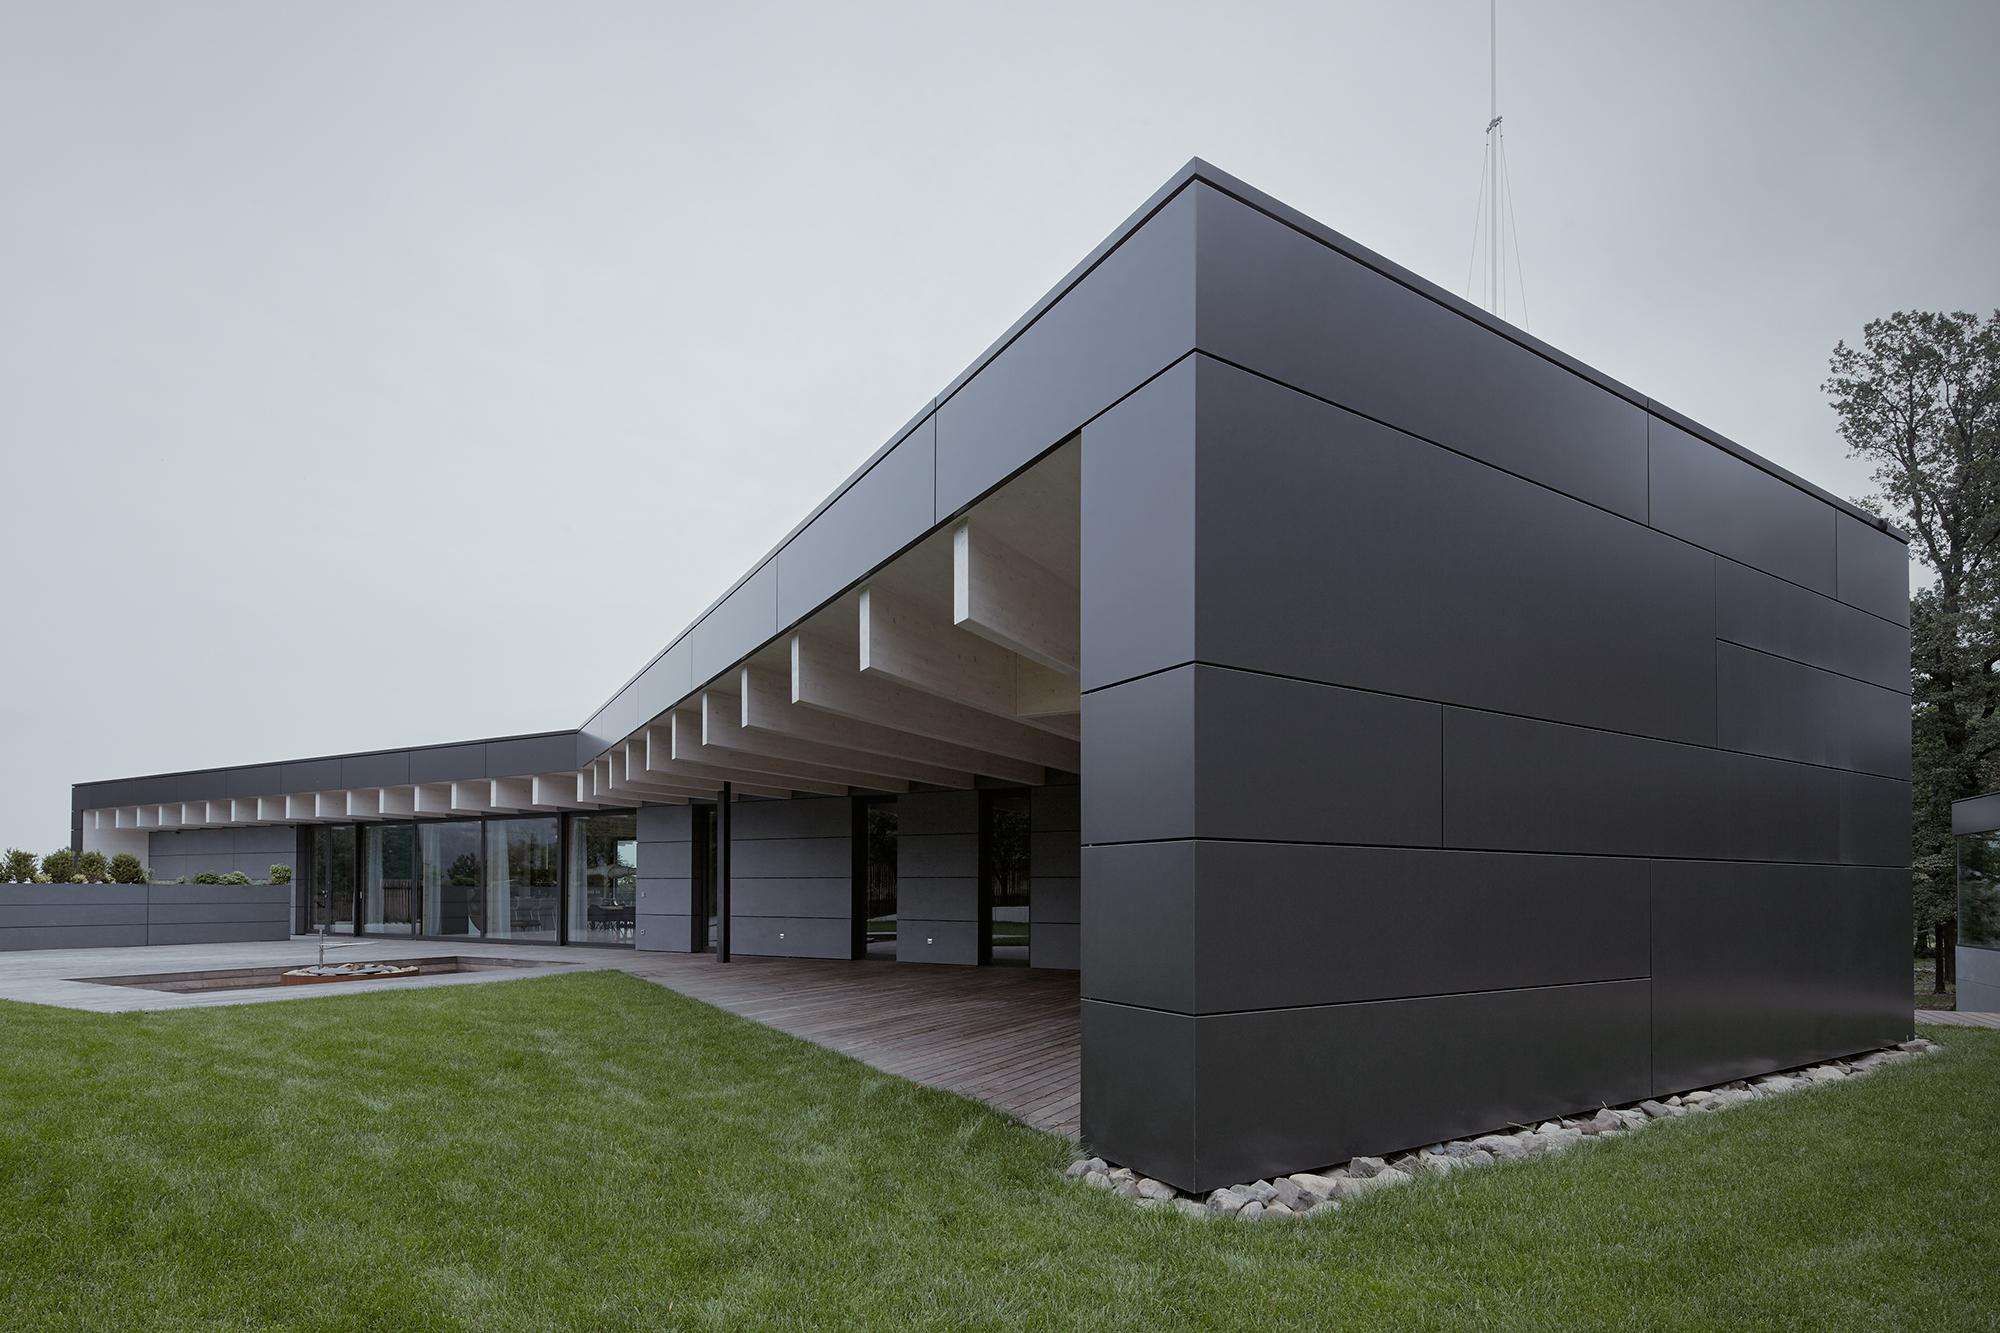 08_Letni_dum_Celadna_CMC_architects_BoysPlayNice.jpg